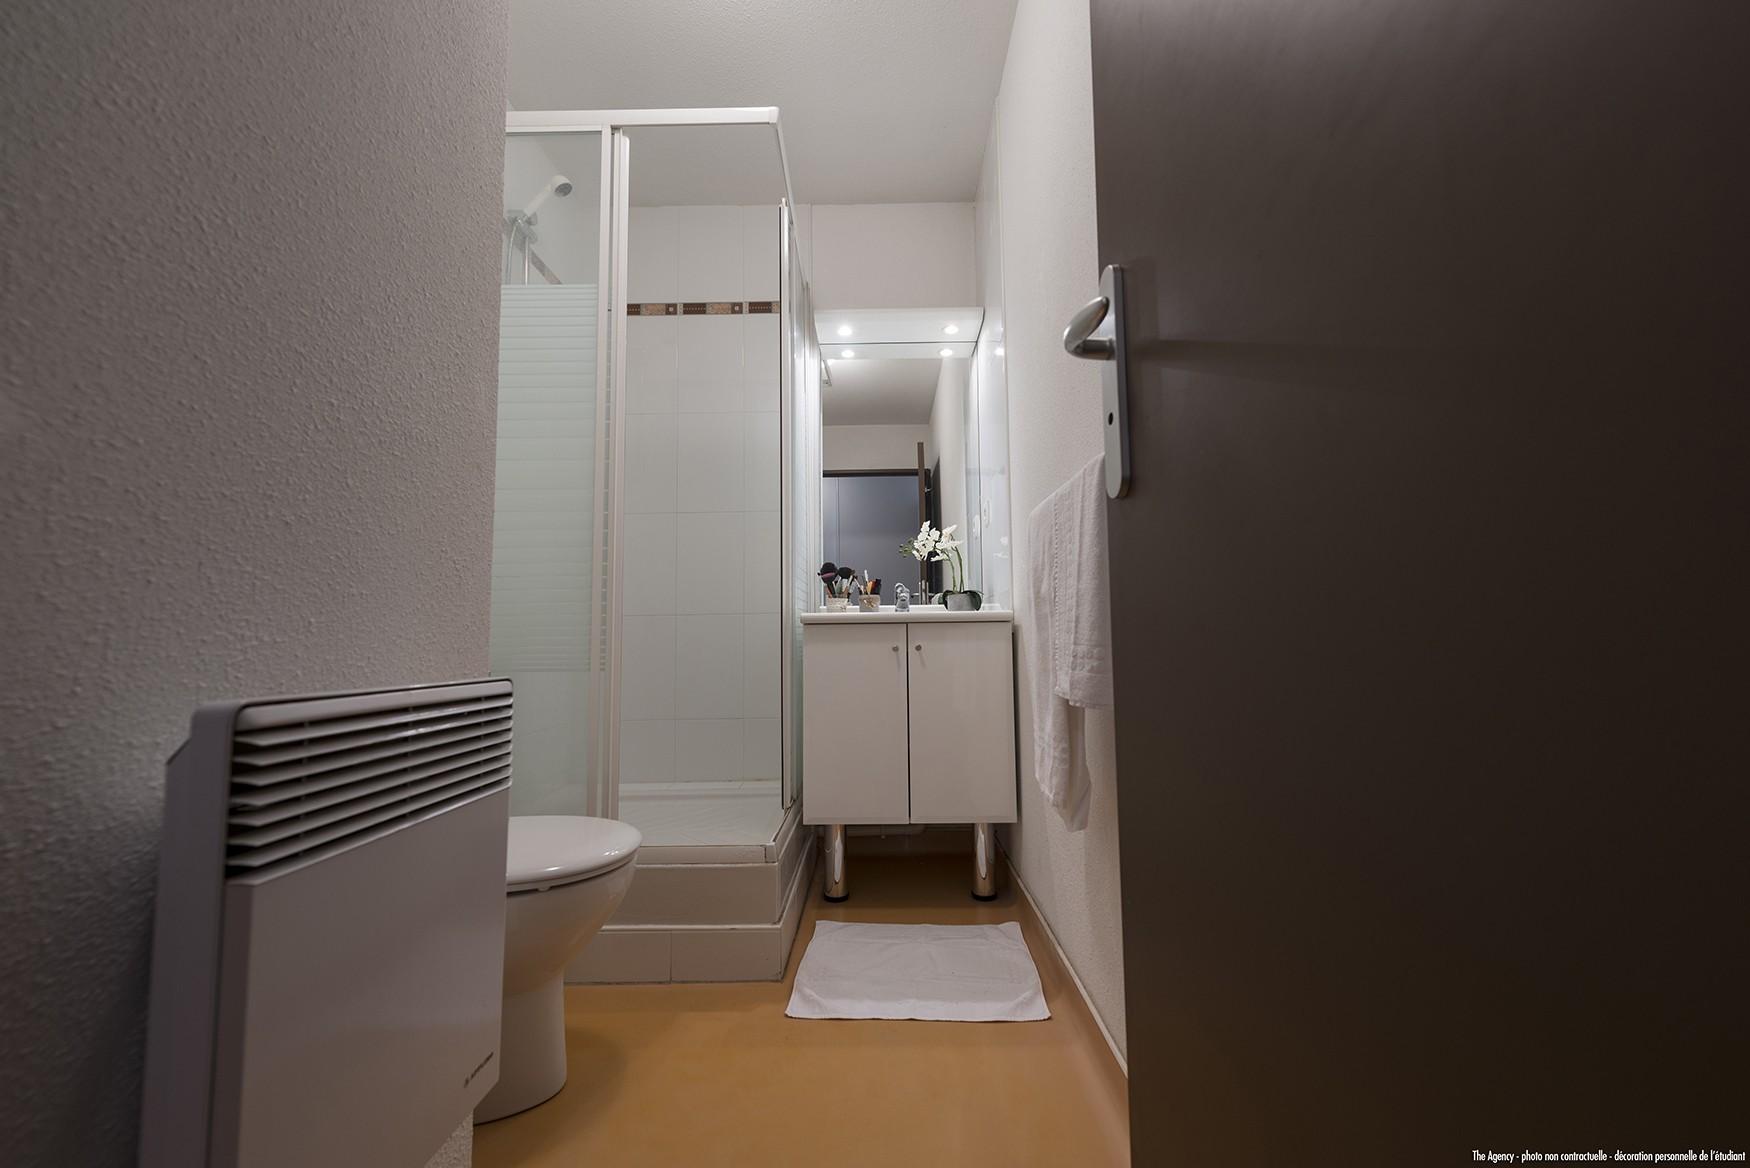 image  2019 06 21 residence etudiante suitetudes nevers studio salle de bain 2